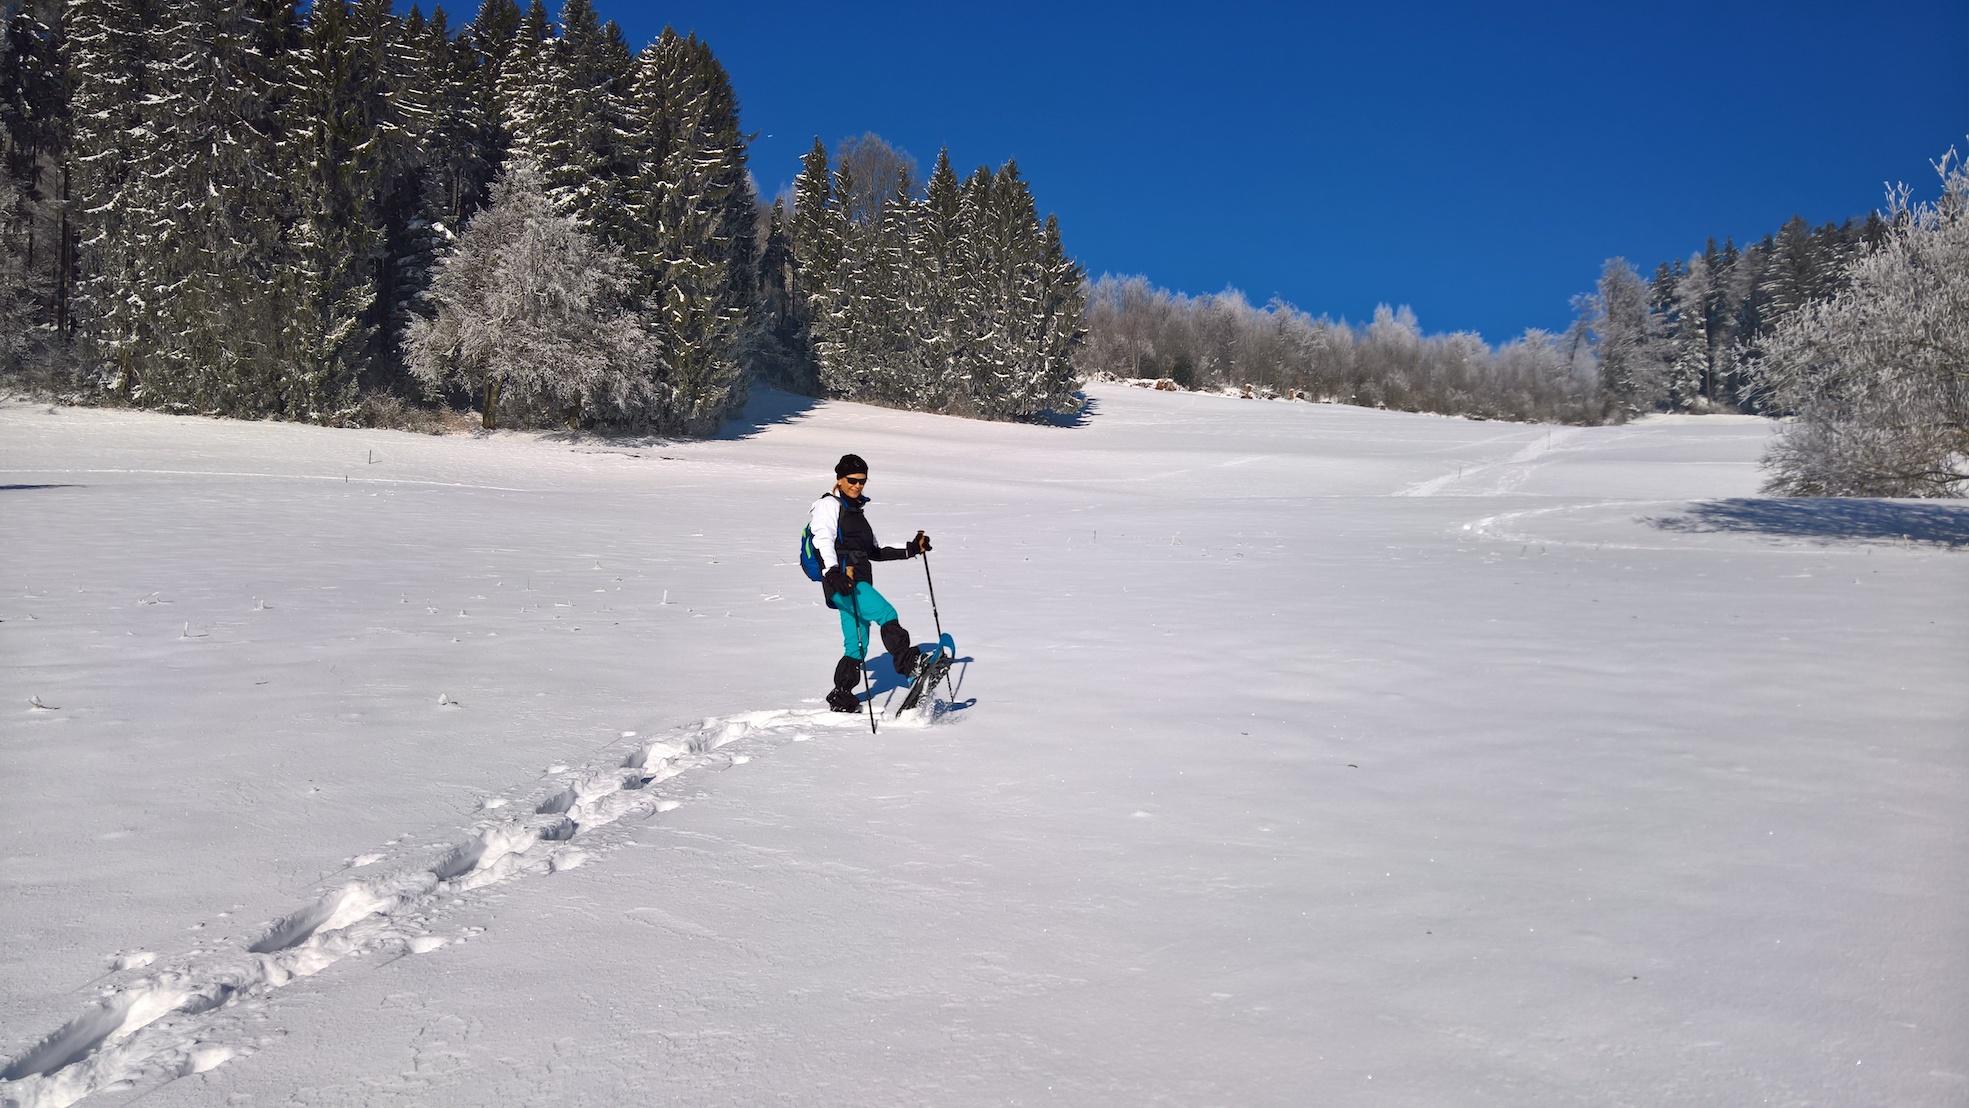 Schneeschuhtour von Bäretswil zum Berggasthaus Rosinli